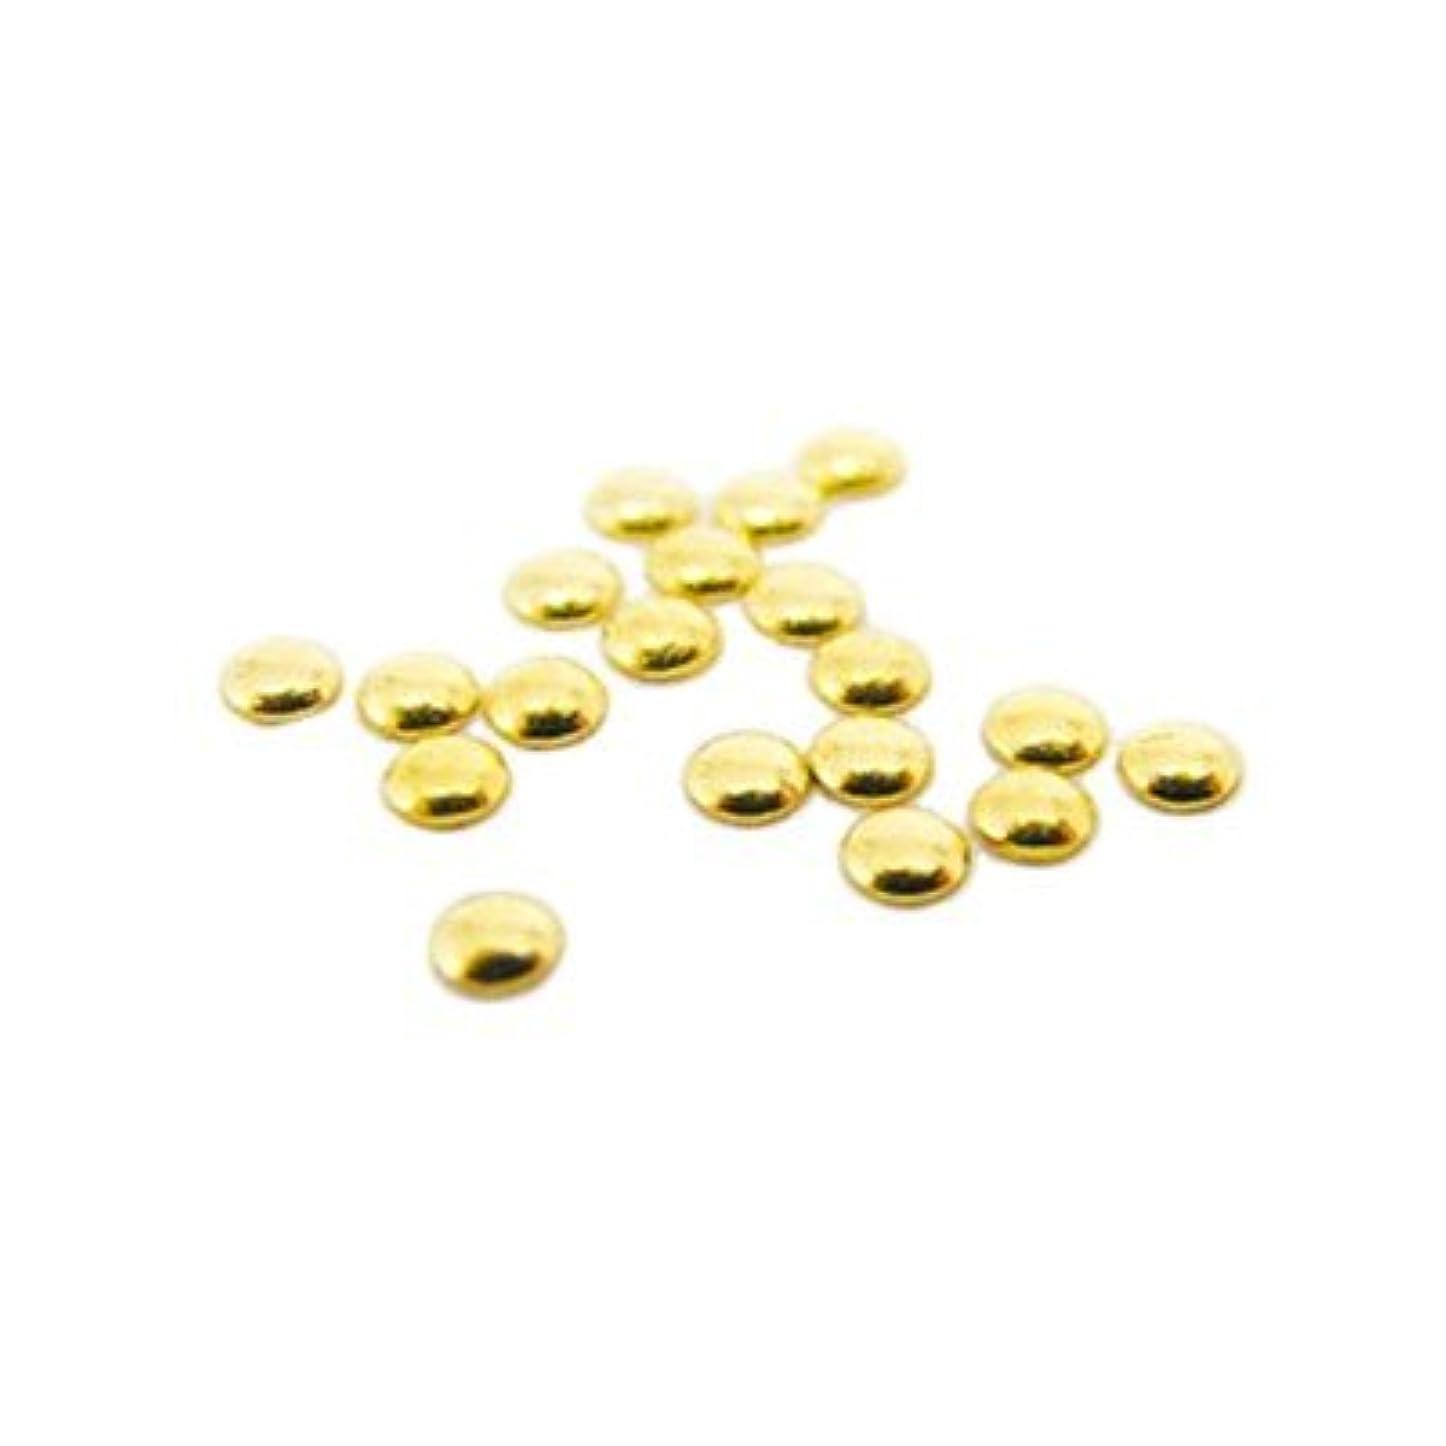 堀クリーク敬なピアドラ スタッズ 0.8mm 50P ゴールド